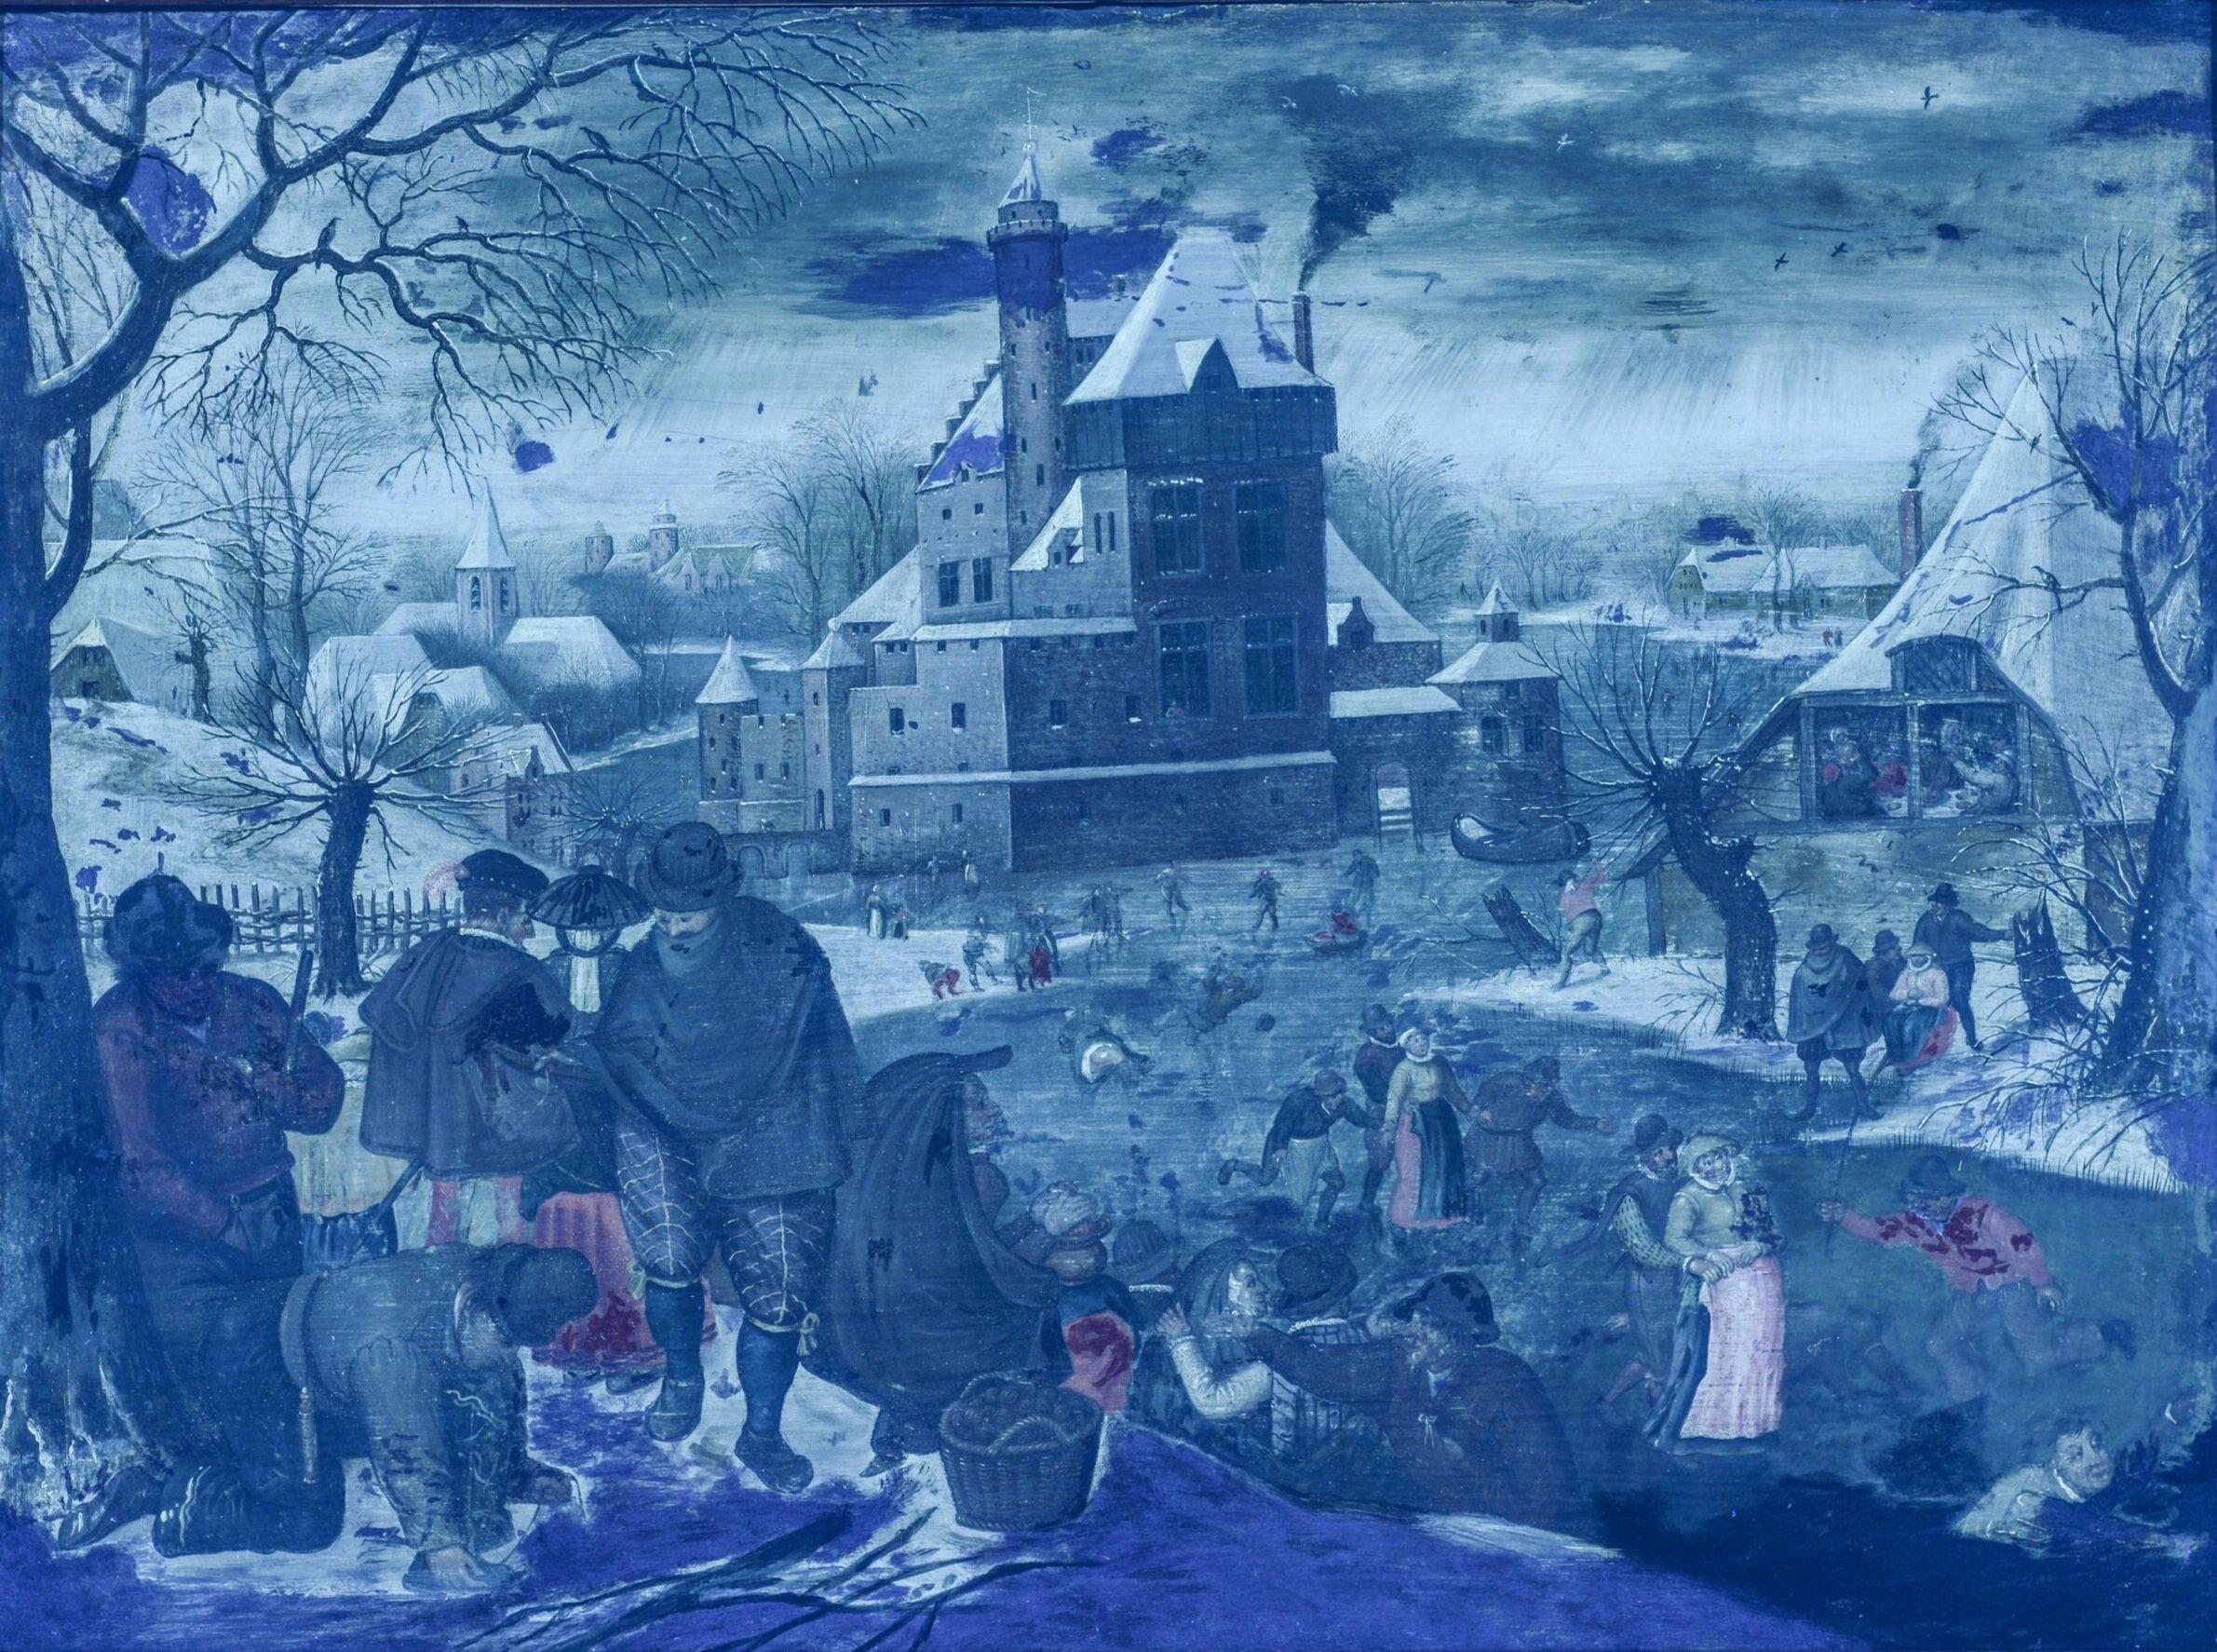 'Winter' in UV light